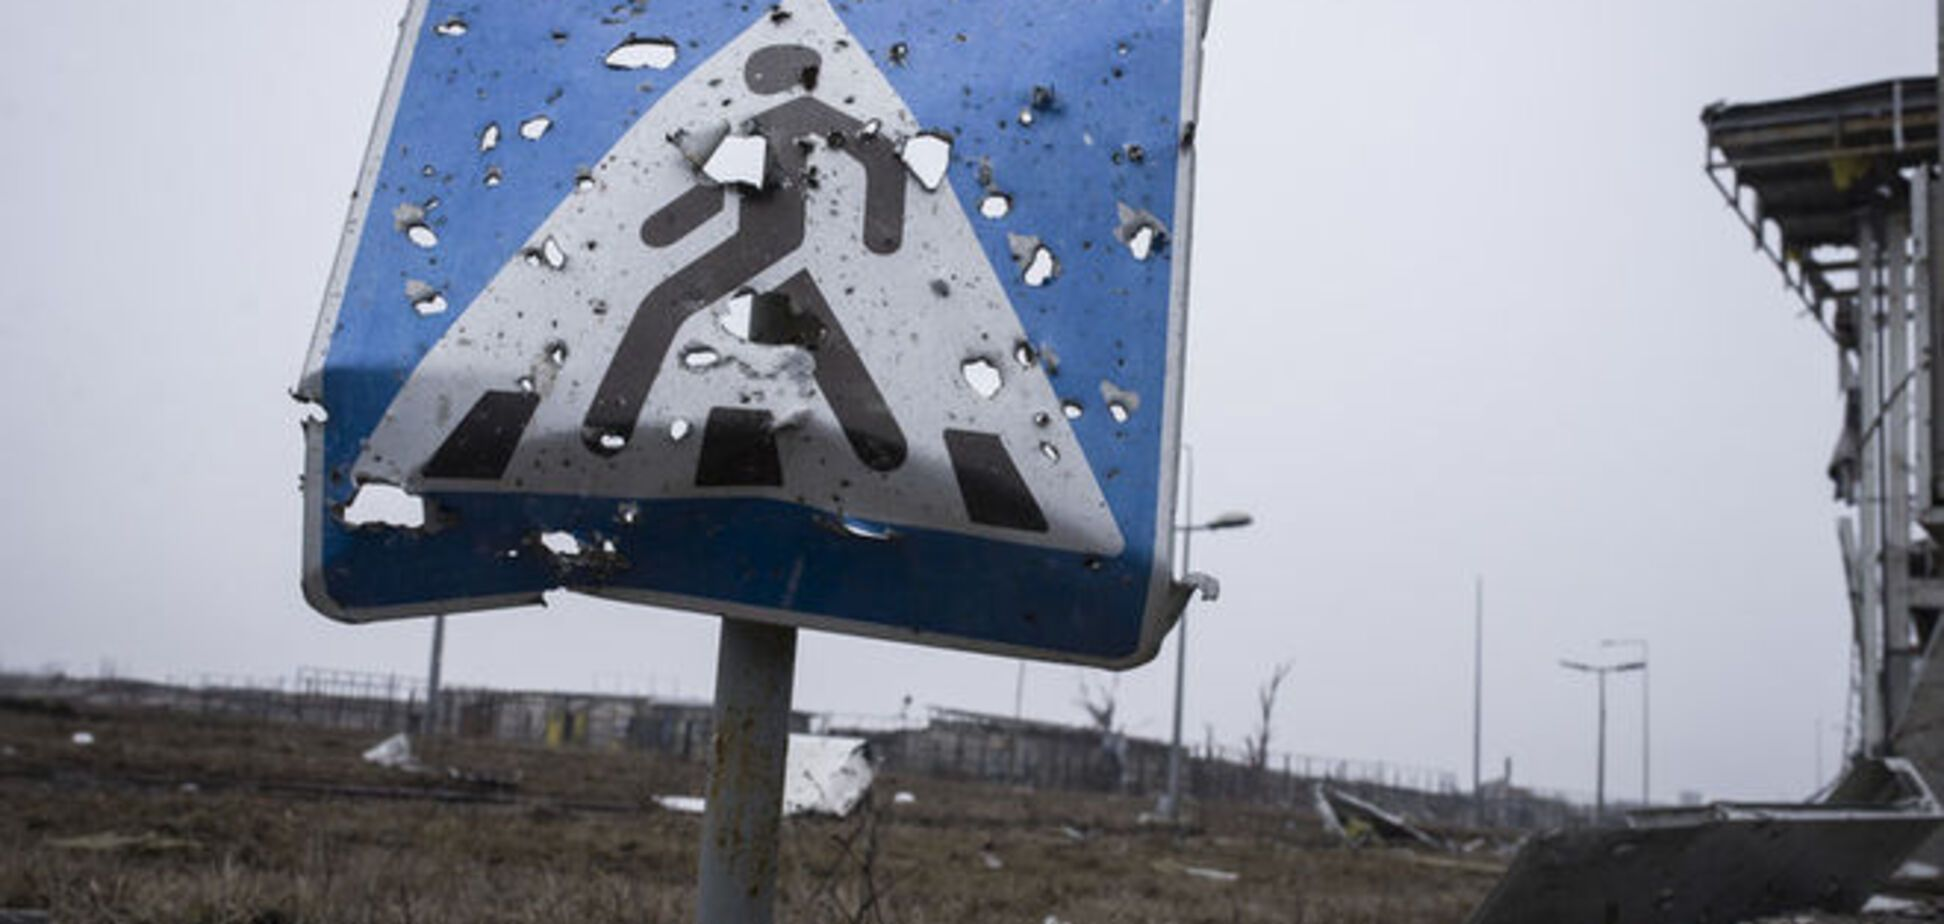 Под Мариуполем не прекращаются столкновения сил АТО с террористами: есть погибшие